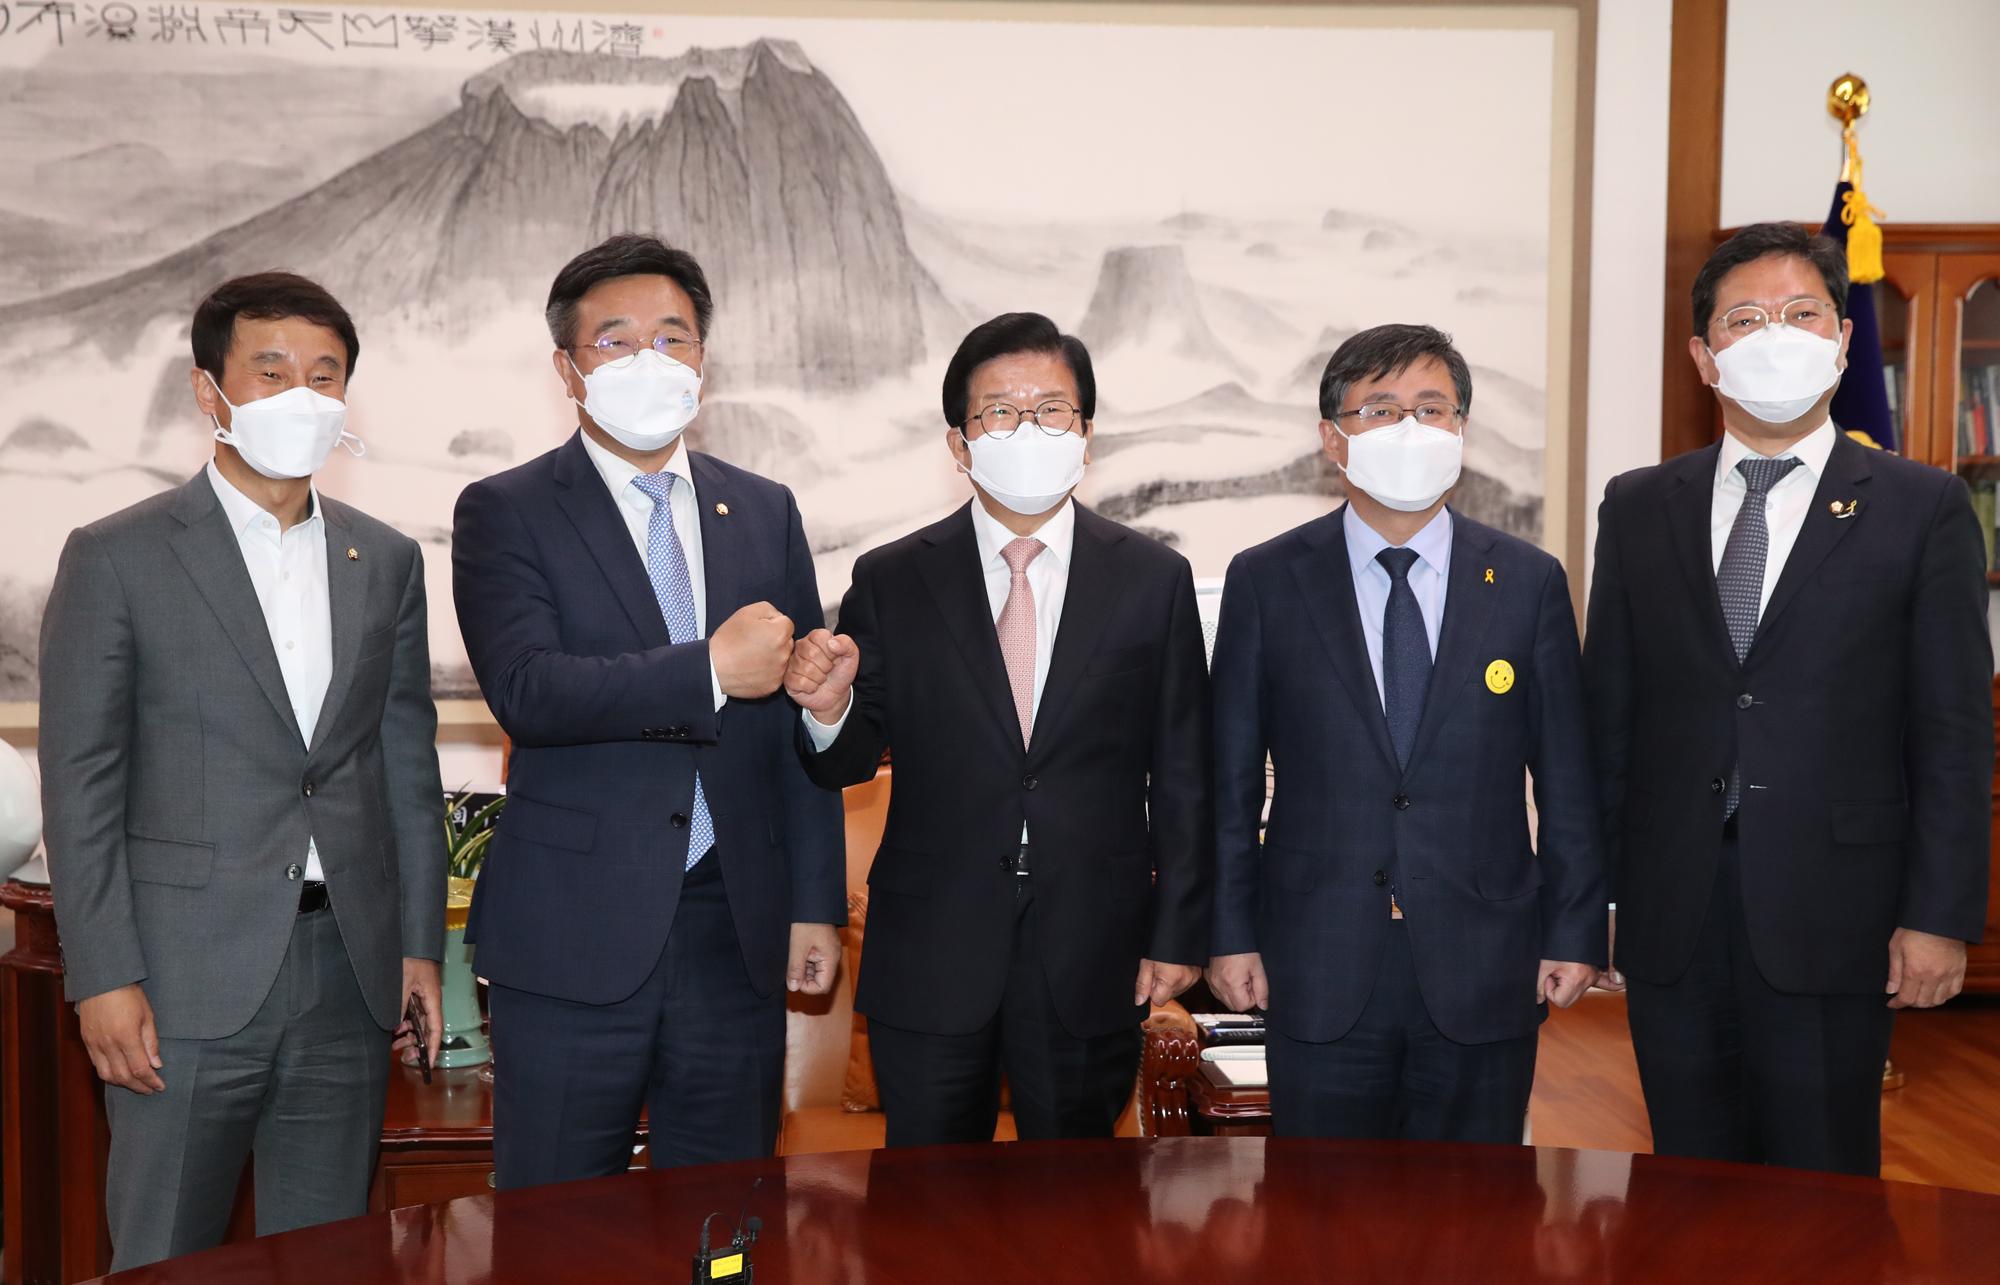 민주당 신임 원내지도부 박병석 국회의장 예방